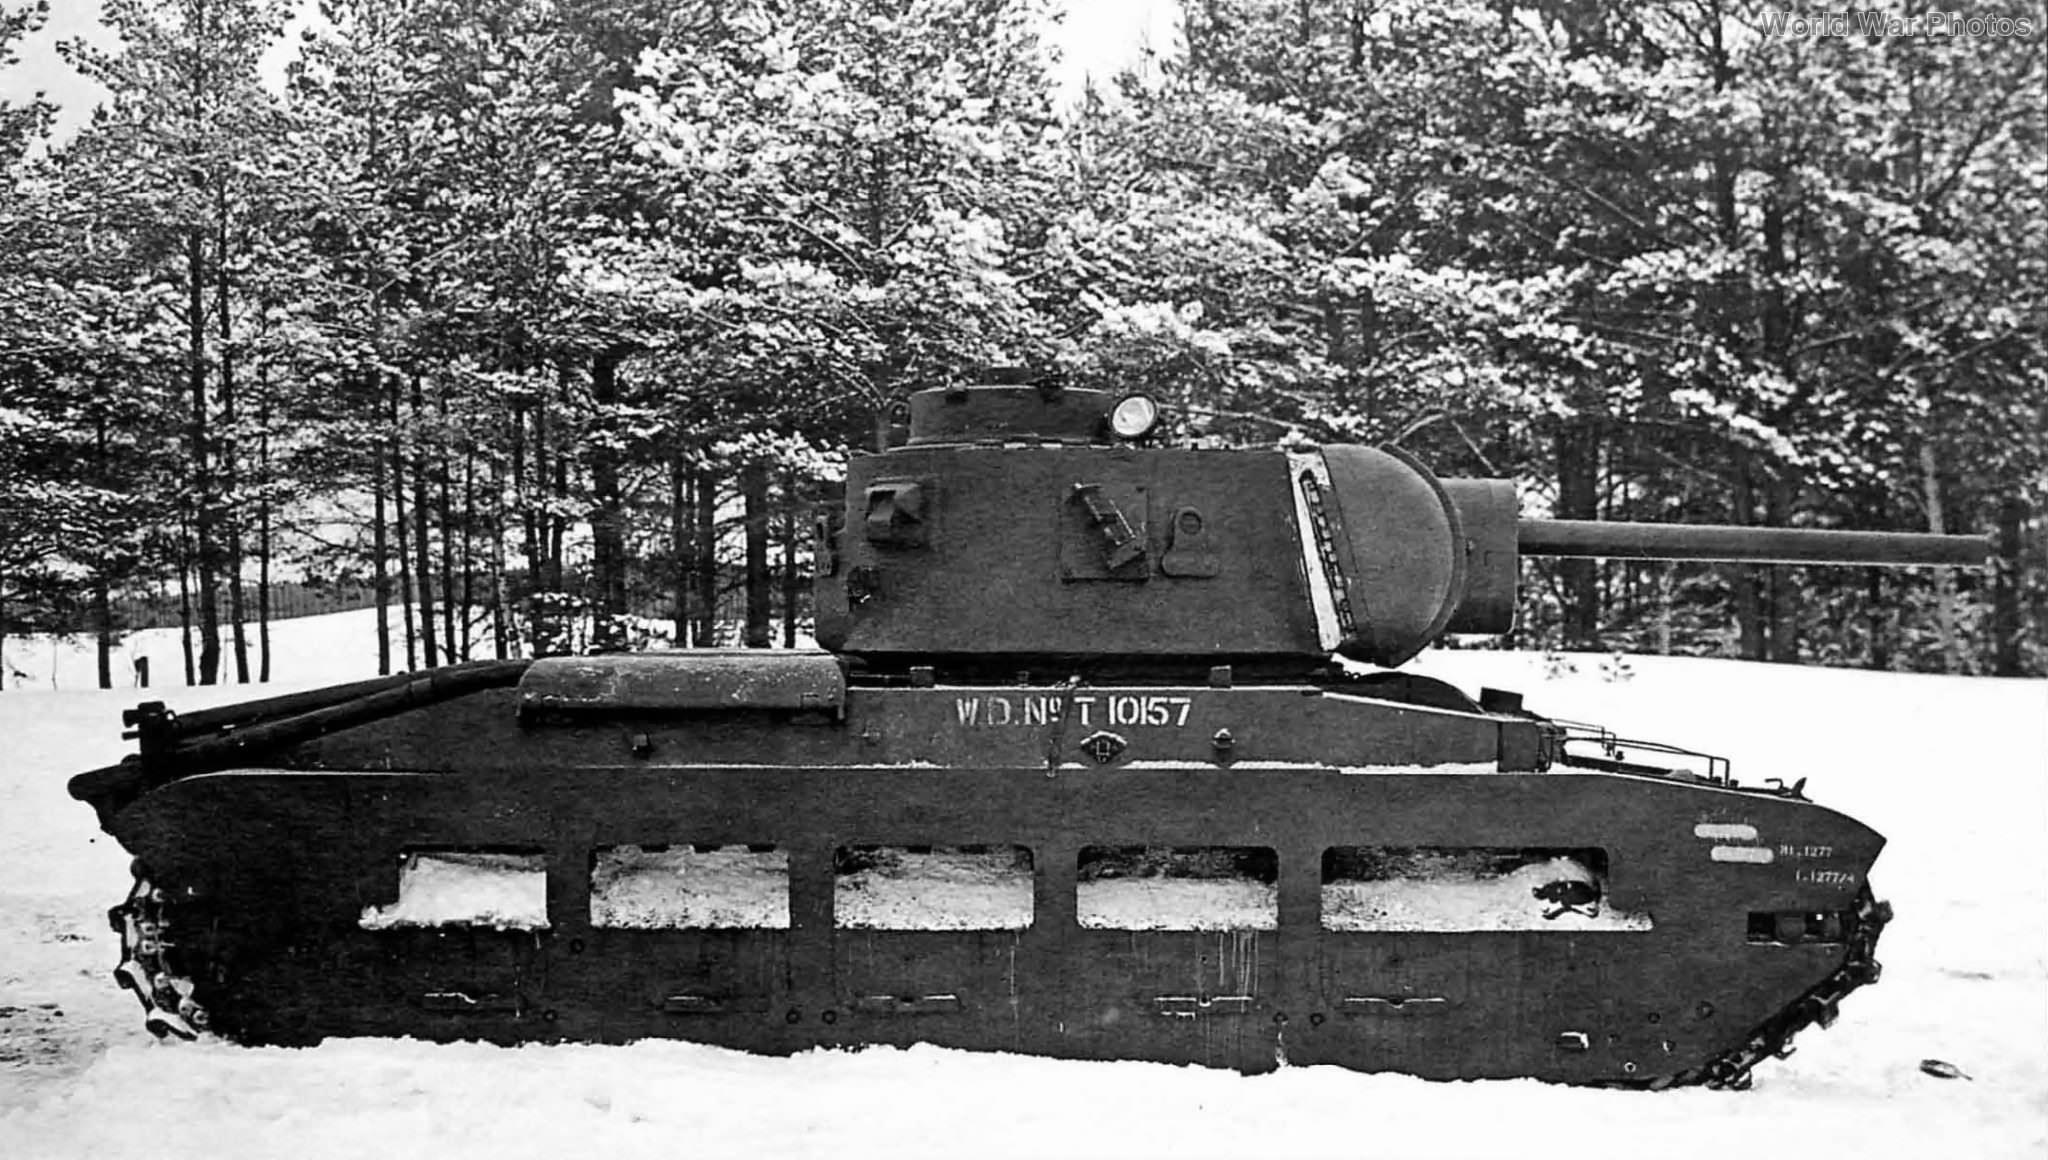 Matilda Mk III rearmed with the Soviet 76mm gun F-96 December 1941